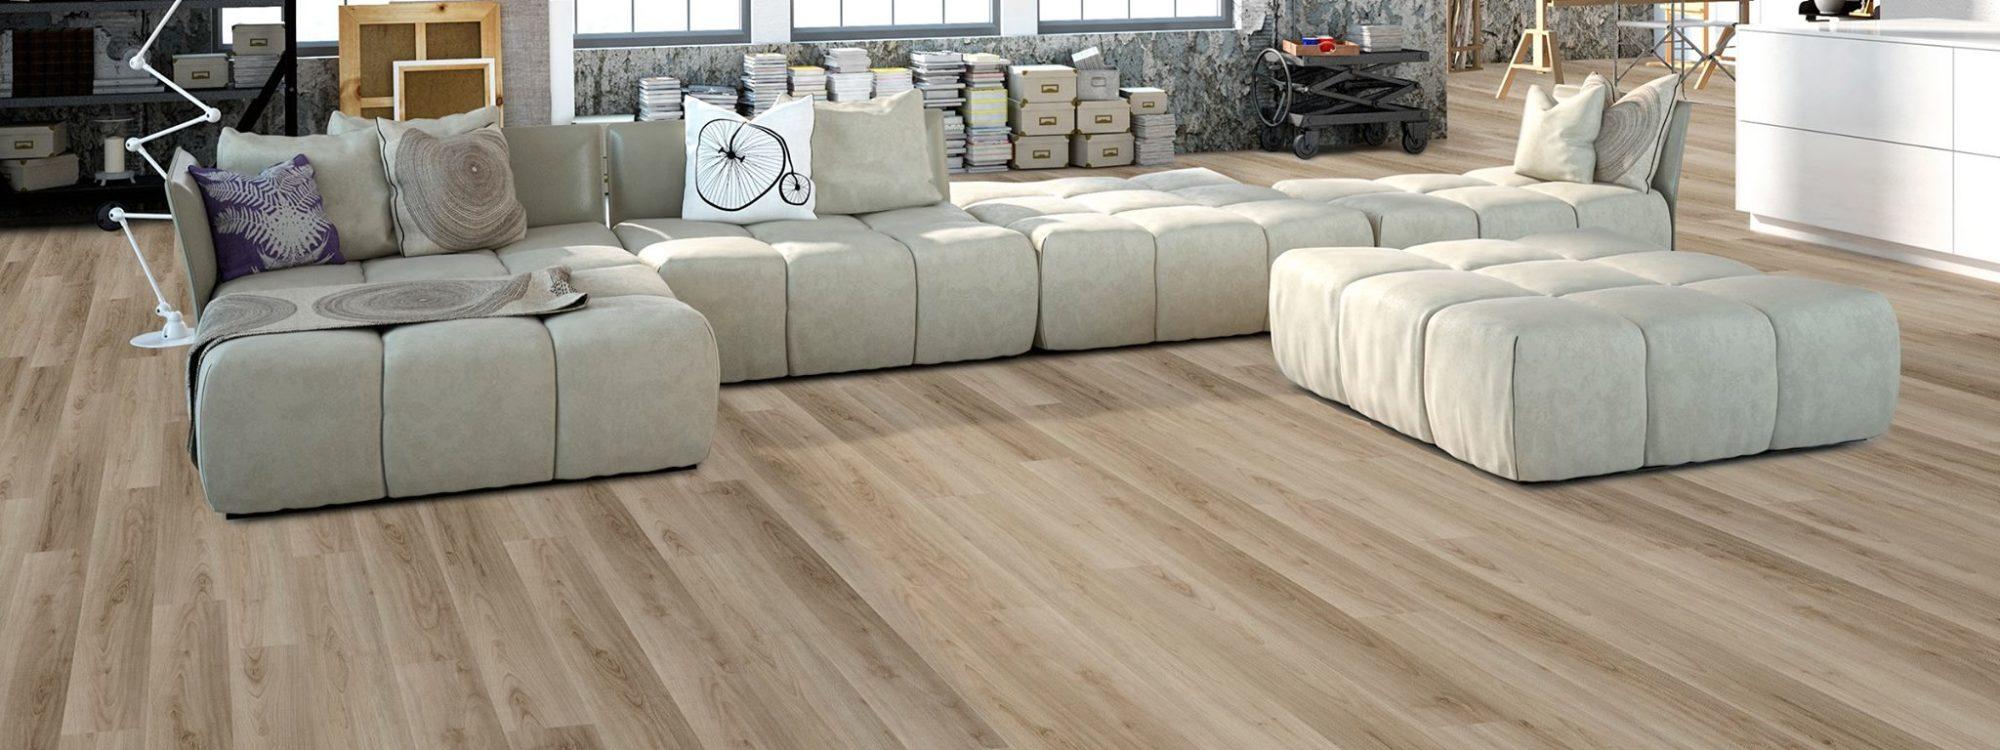 plancher vinyle. Black Bedroom Furniture Sets. Home Design Ideas